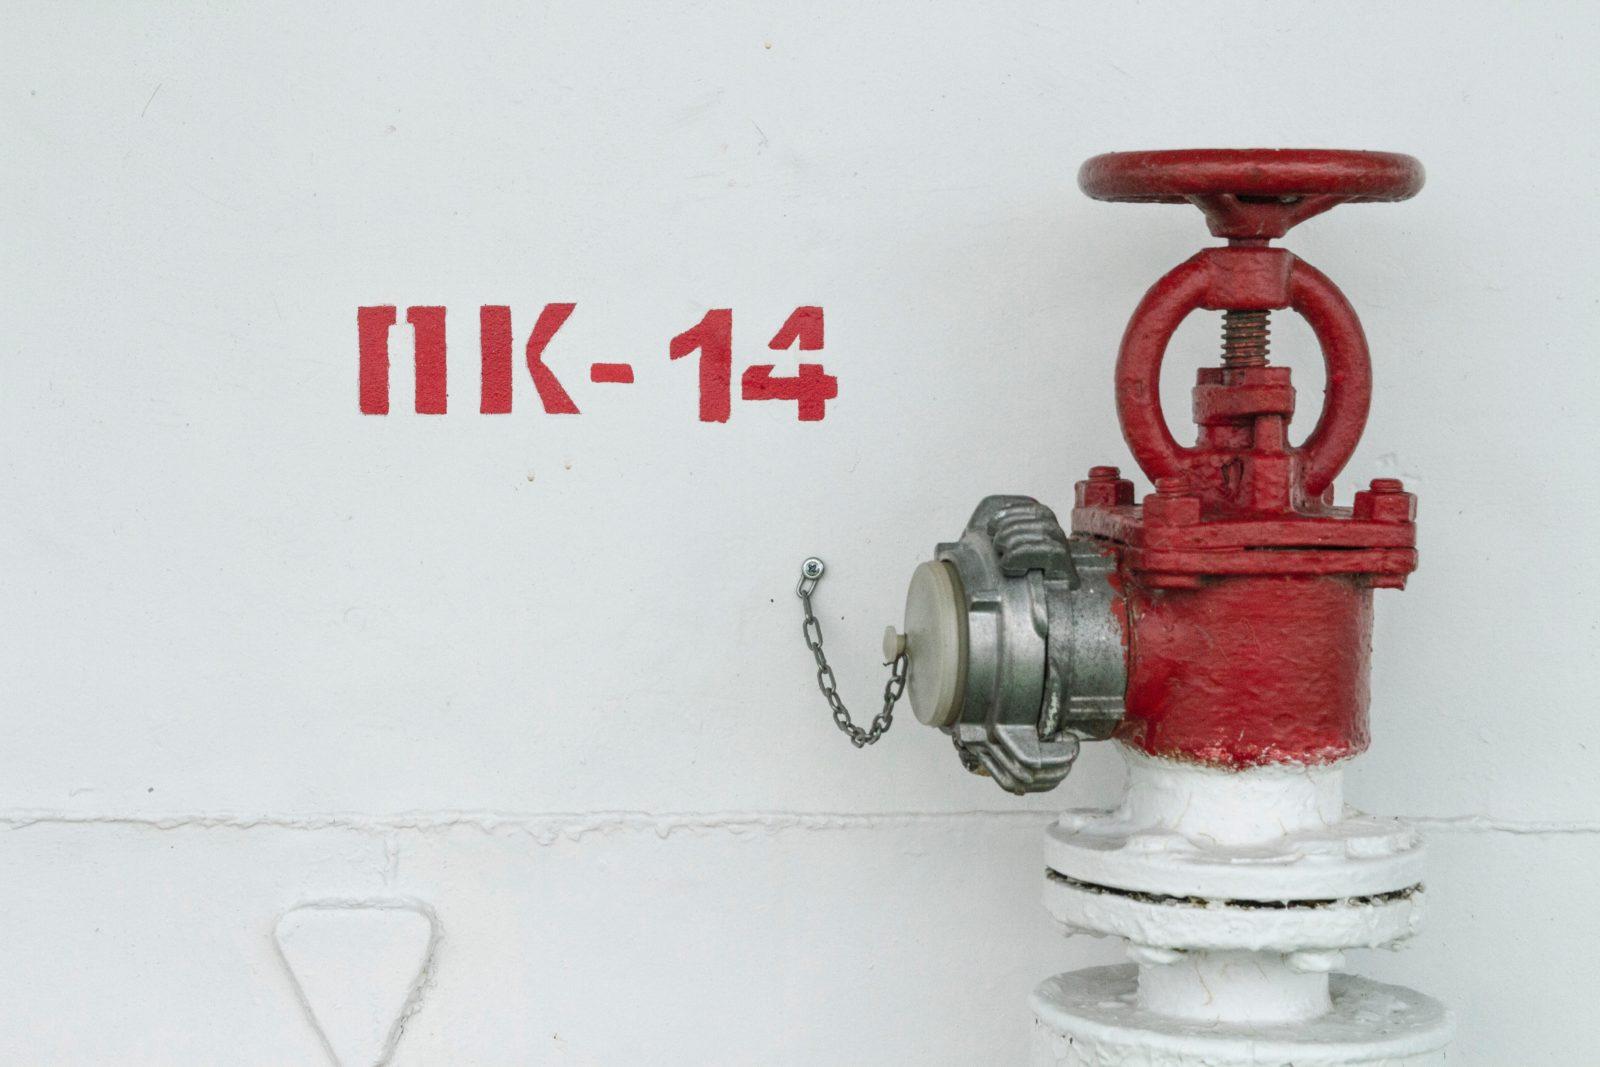 периодичность проверки пожарных кранов и рукавов